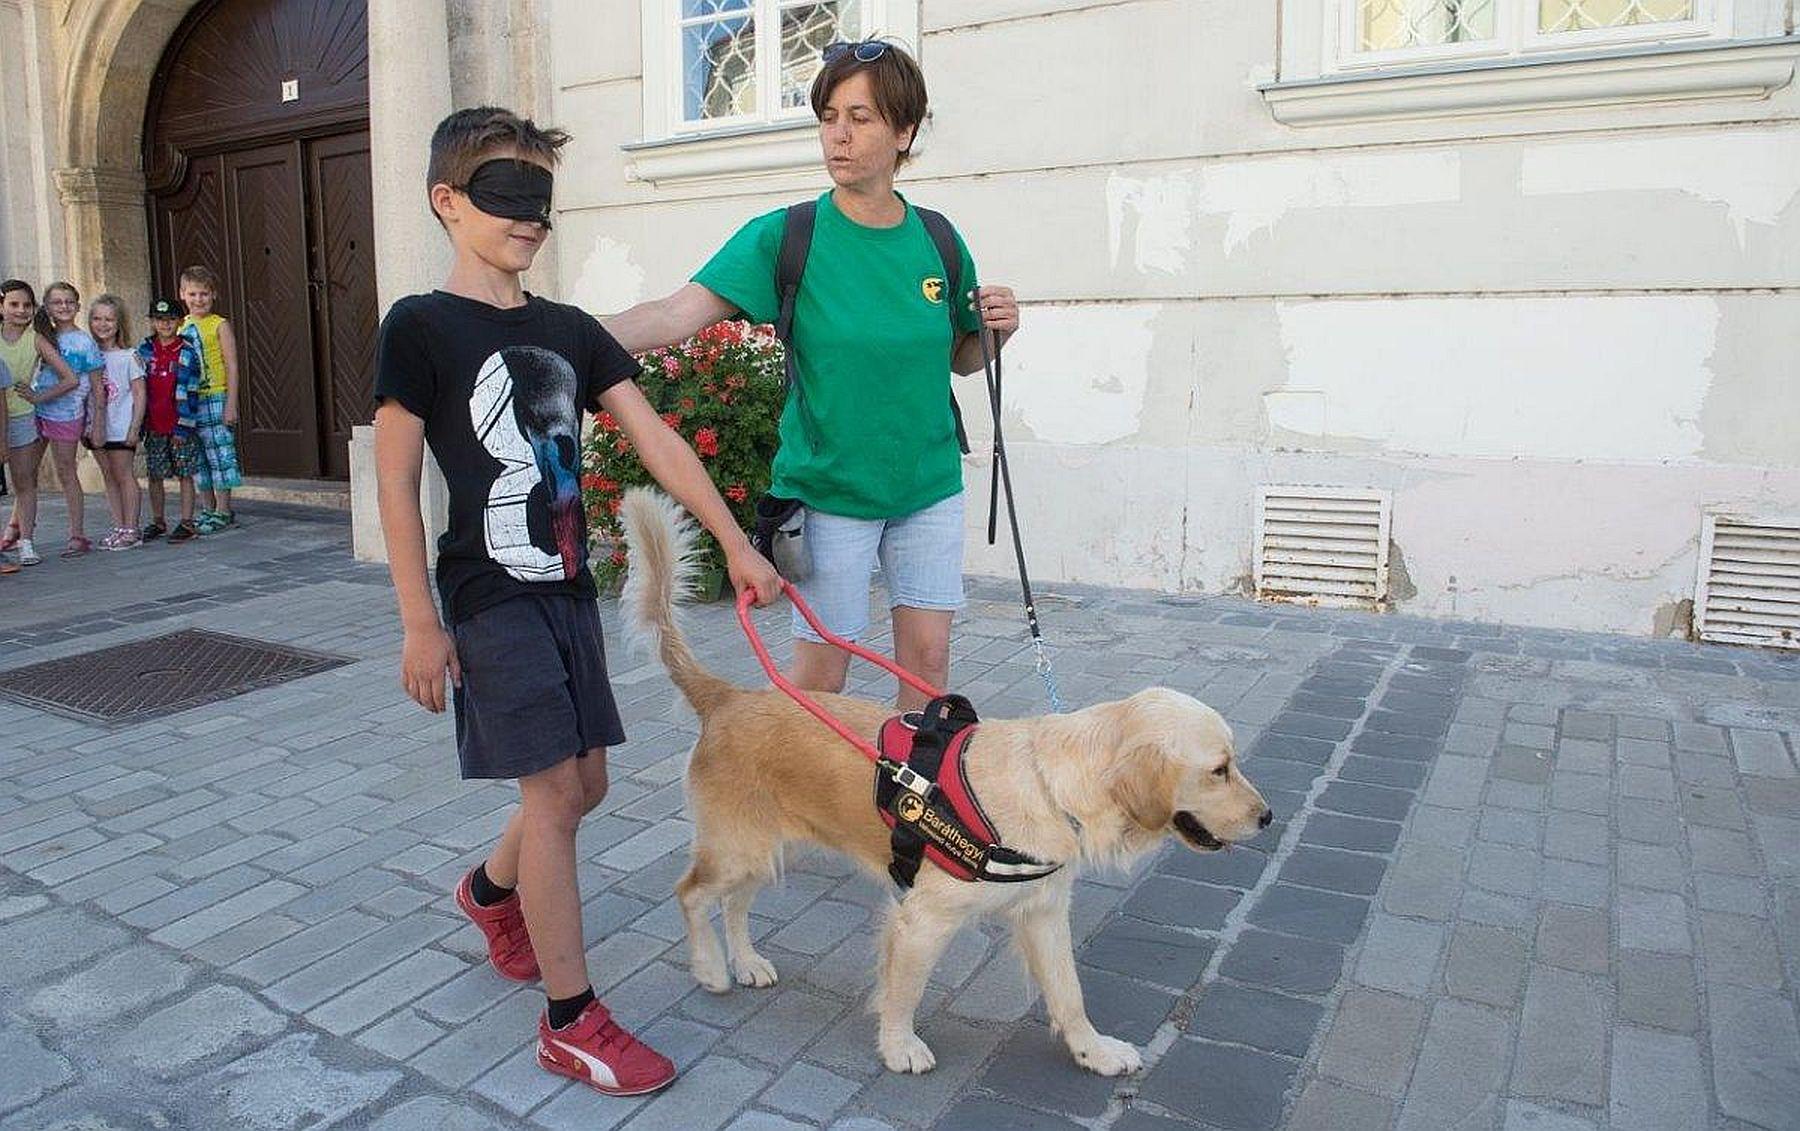 b512bcd14b Az Esélynap lehetőséget ad arra, hogy sokak megismerjék a fogyatékkal élők  mindennapjait. A programon 18 fogyatékosügyi szervezet, illetve 6 a témához  ...